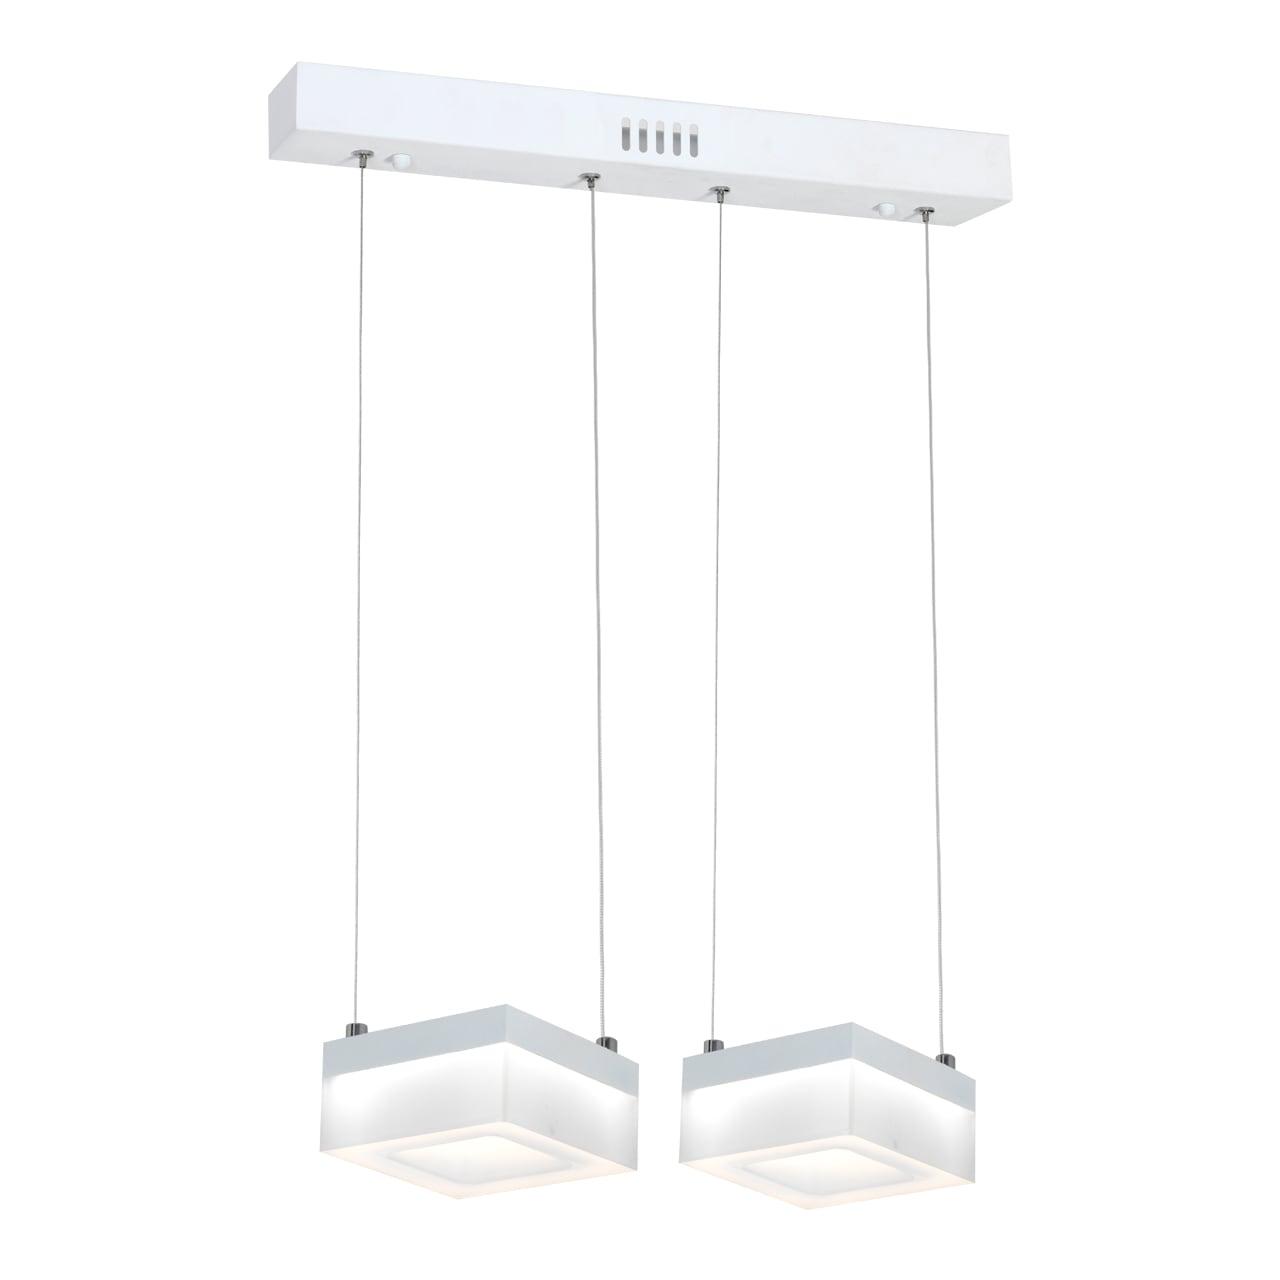 Lampa wisząca Milagro CUBO 445 Piaskowy biały 24W